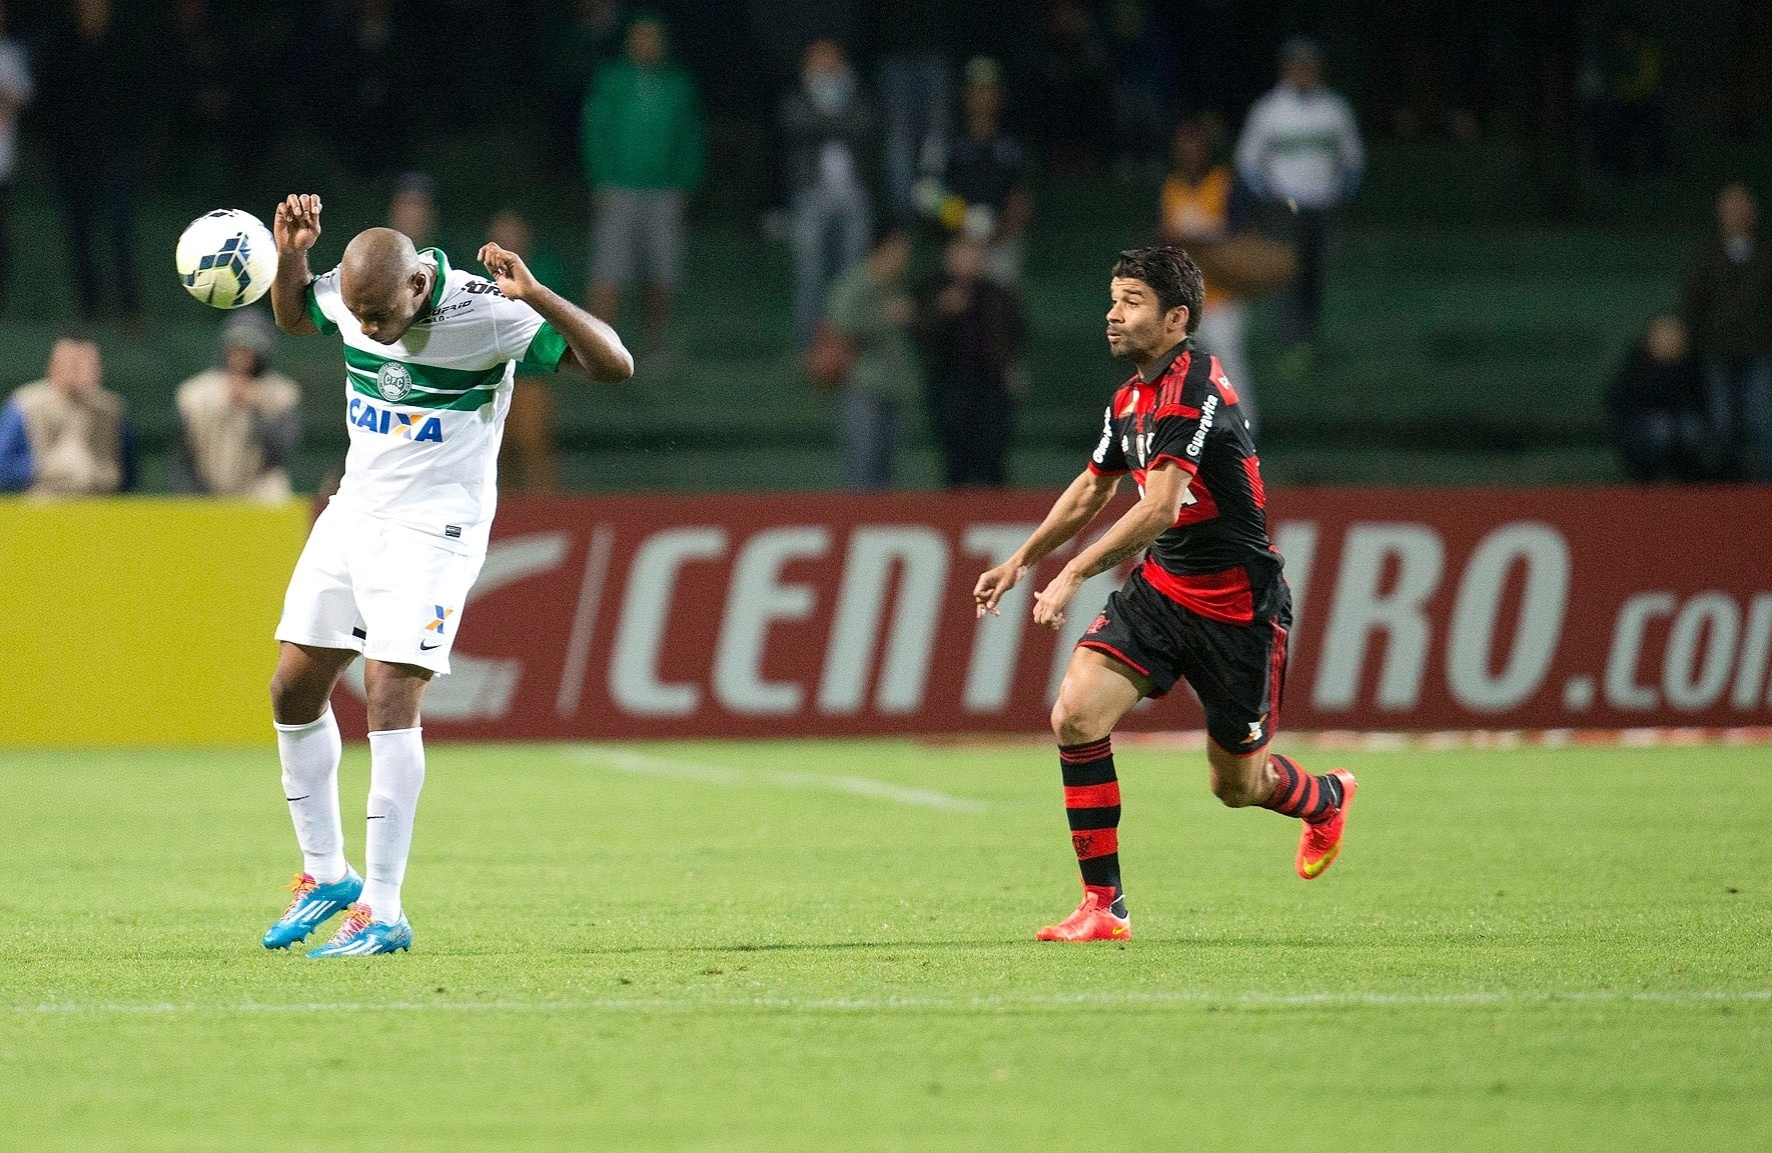 Luccas Claro afasta o perigo e evita a chegada de Eduardo em jogo entre Flamengo e Coritiba